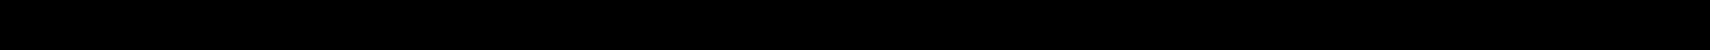 CELE MAI BUNE COSMETICE 100% NATURALE